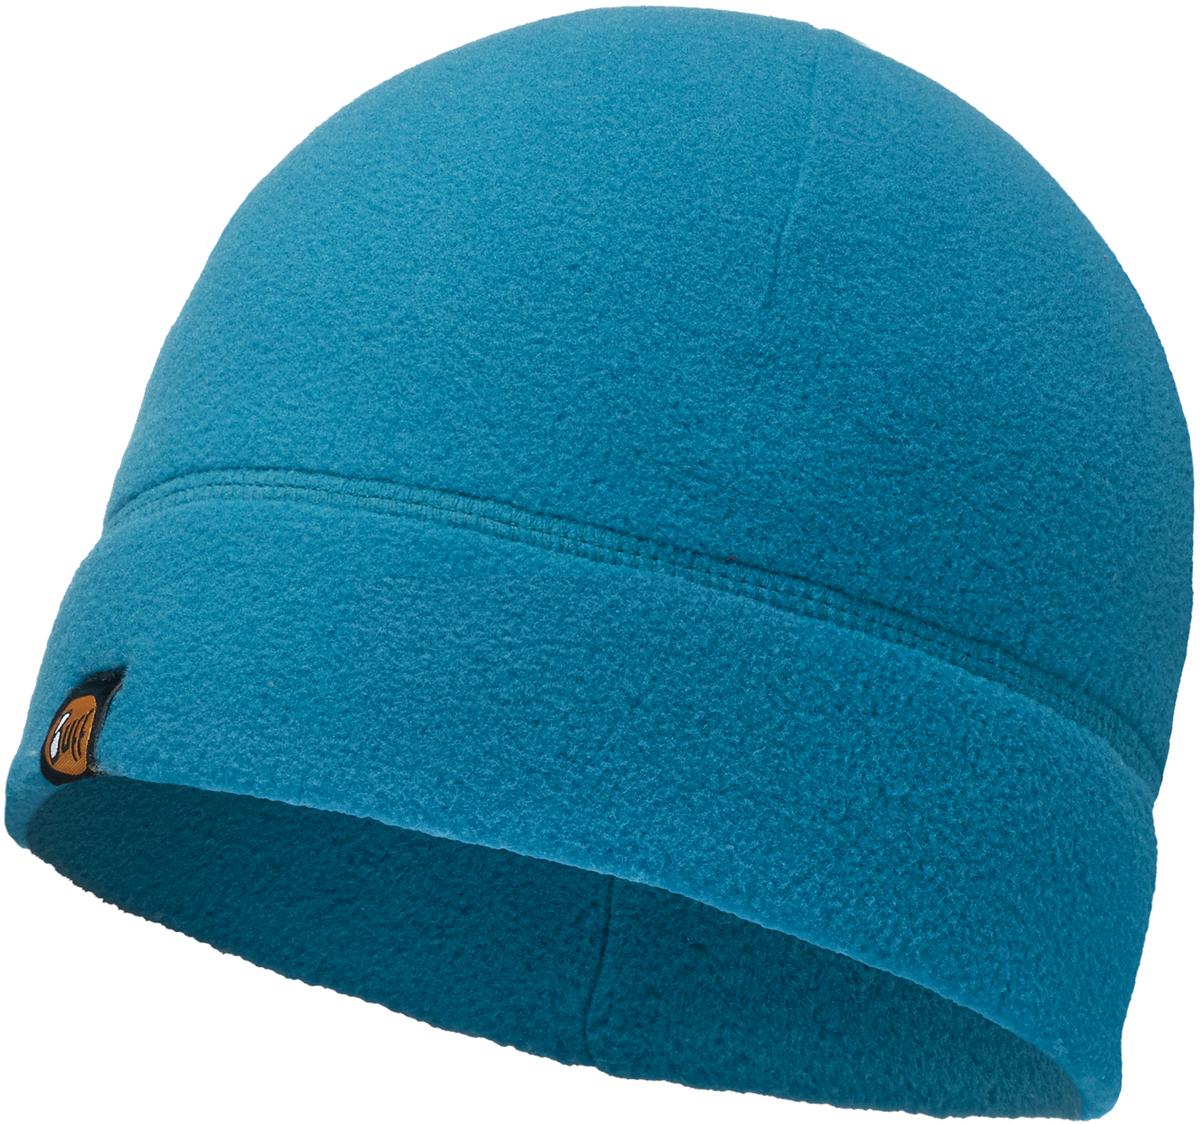 Шапка Buff Polar, цвет: бирюзовый. 110929.737.10.00. Размер универсальный - Зимняя рыбалка